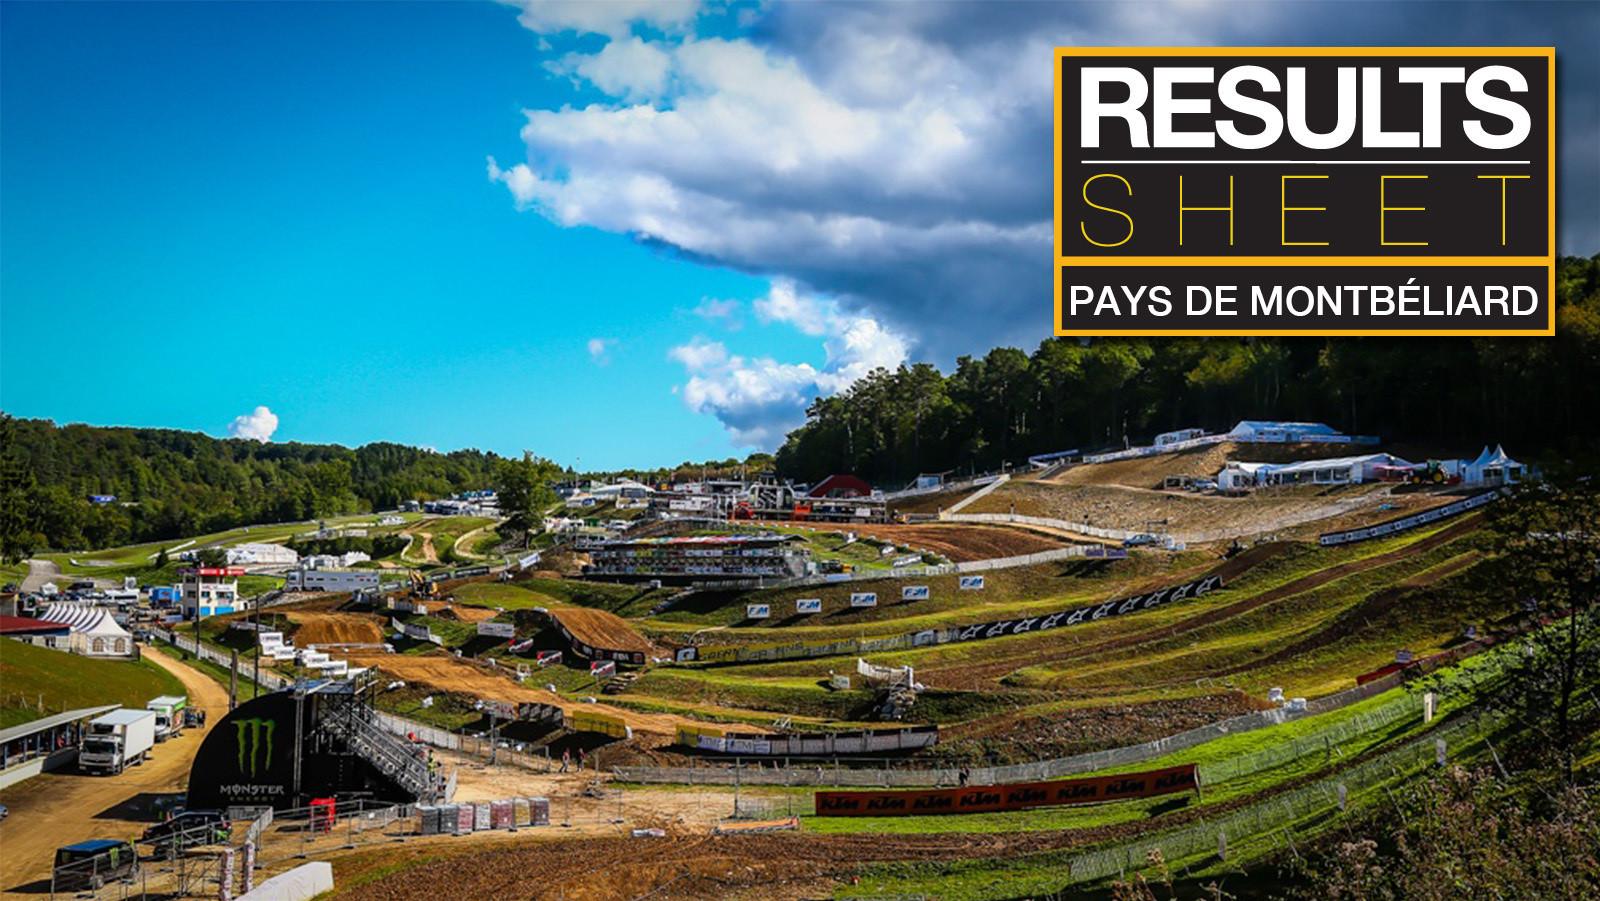 Results Sheet: 2017 MXGP of Pays de Montbéliard - Saturday